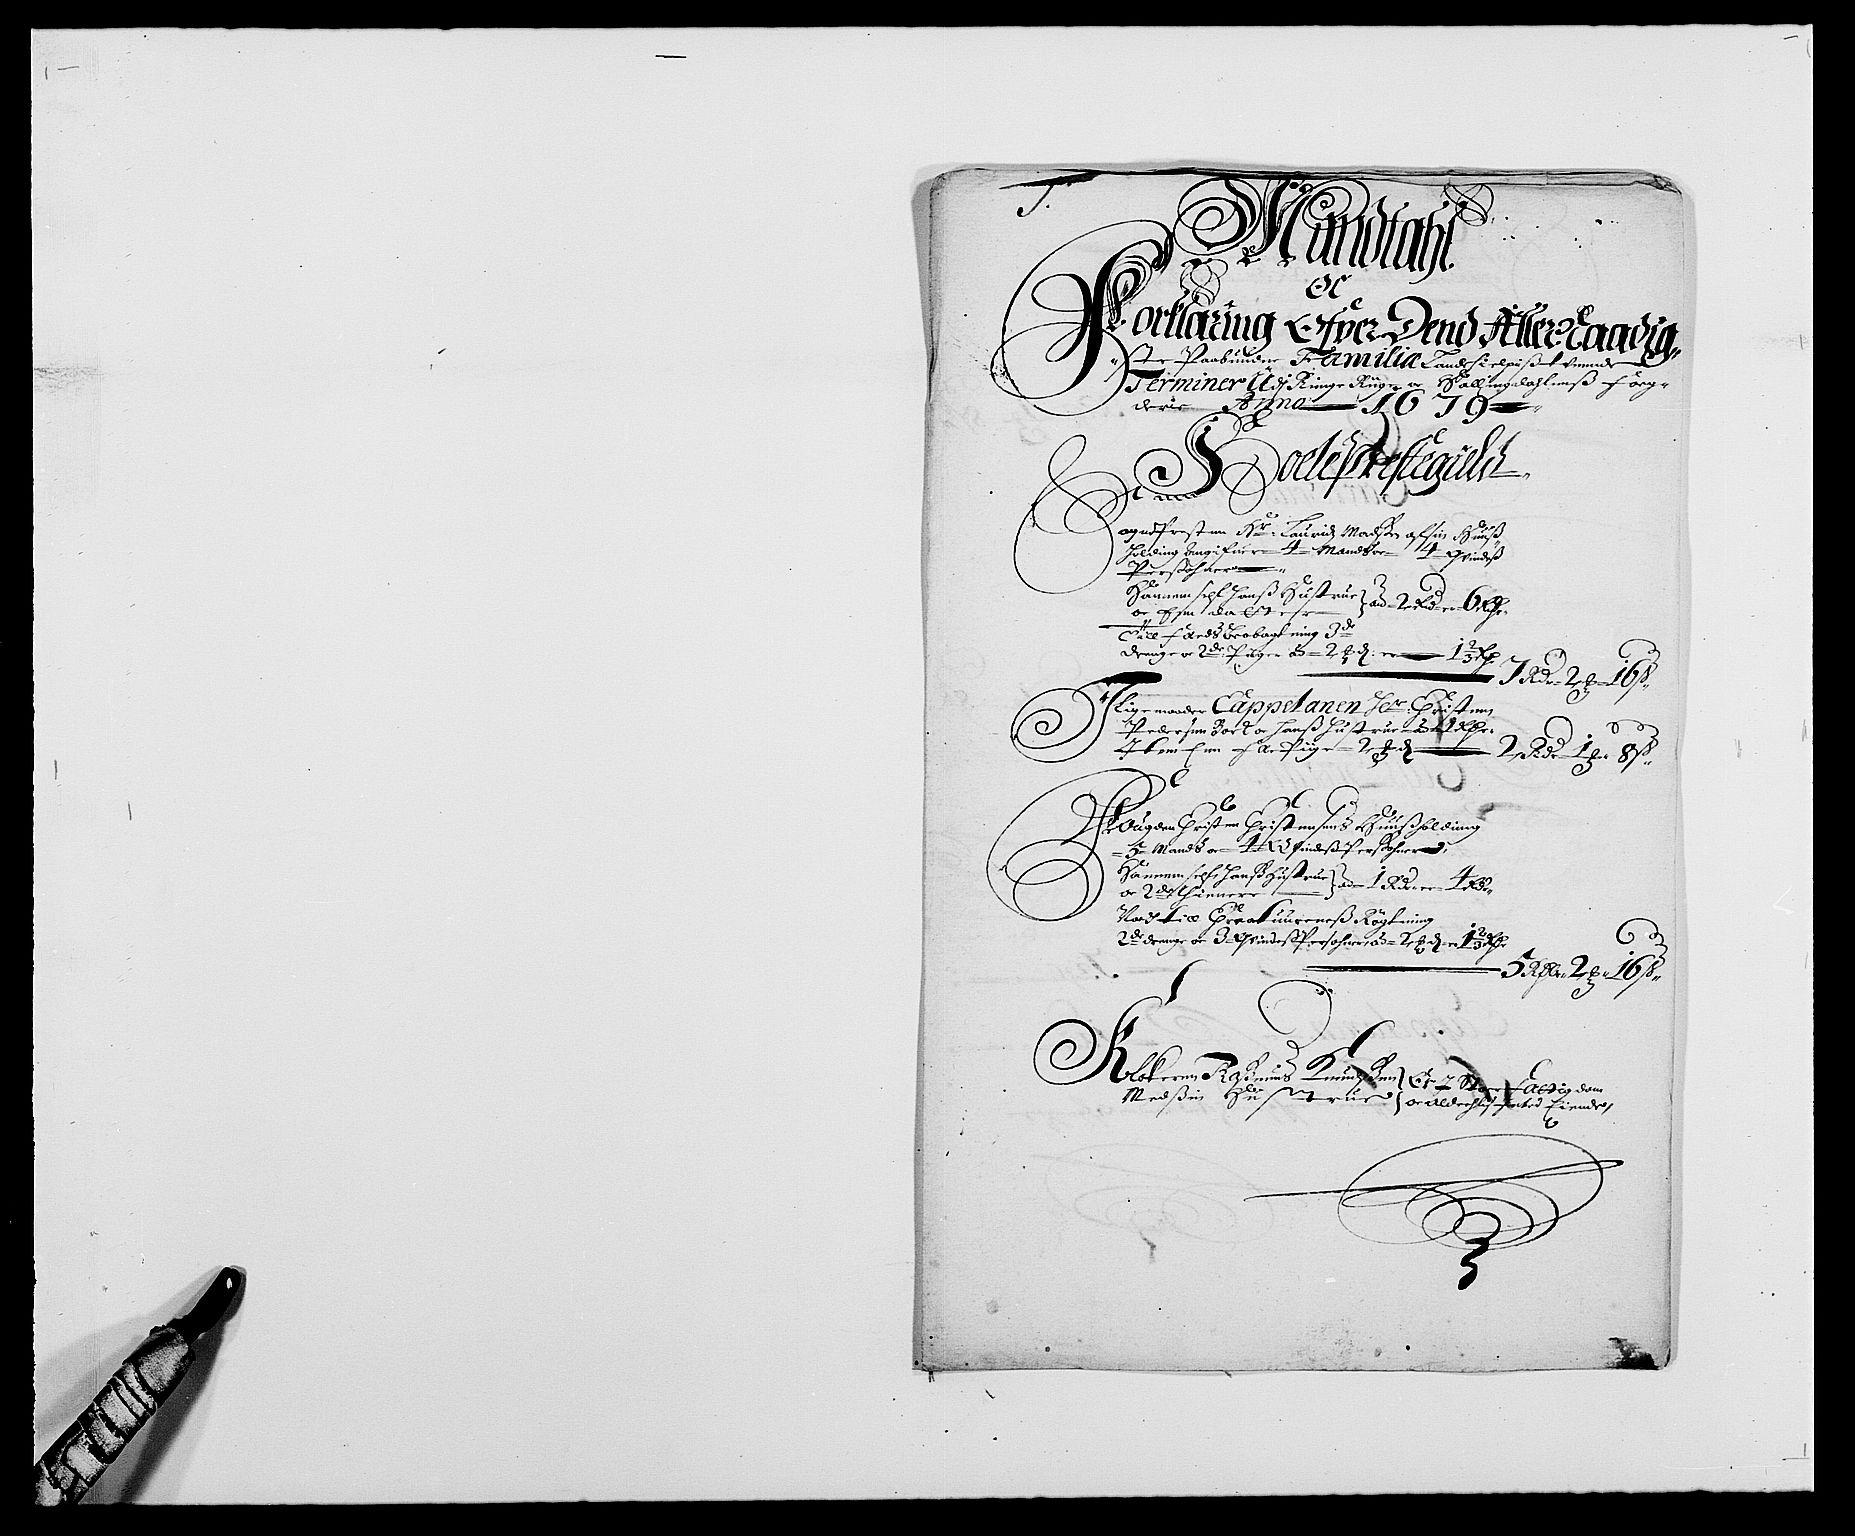 RA, Rentekammeret inntil 1814, Reviderte regnskaper, Fogderegnskap, R21/L1443: Fogderegnskap Ringerike og Hallingdal, 1678-1680, s. 308